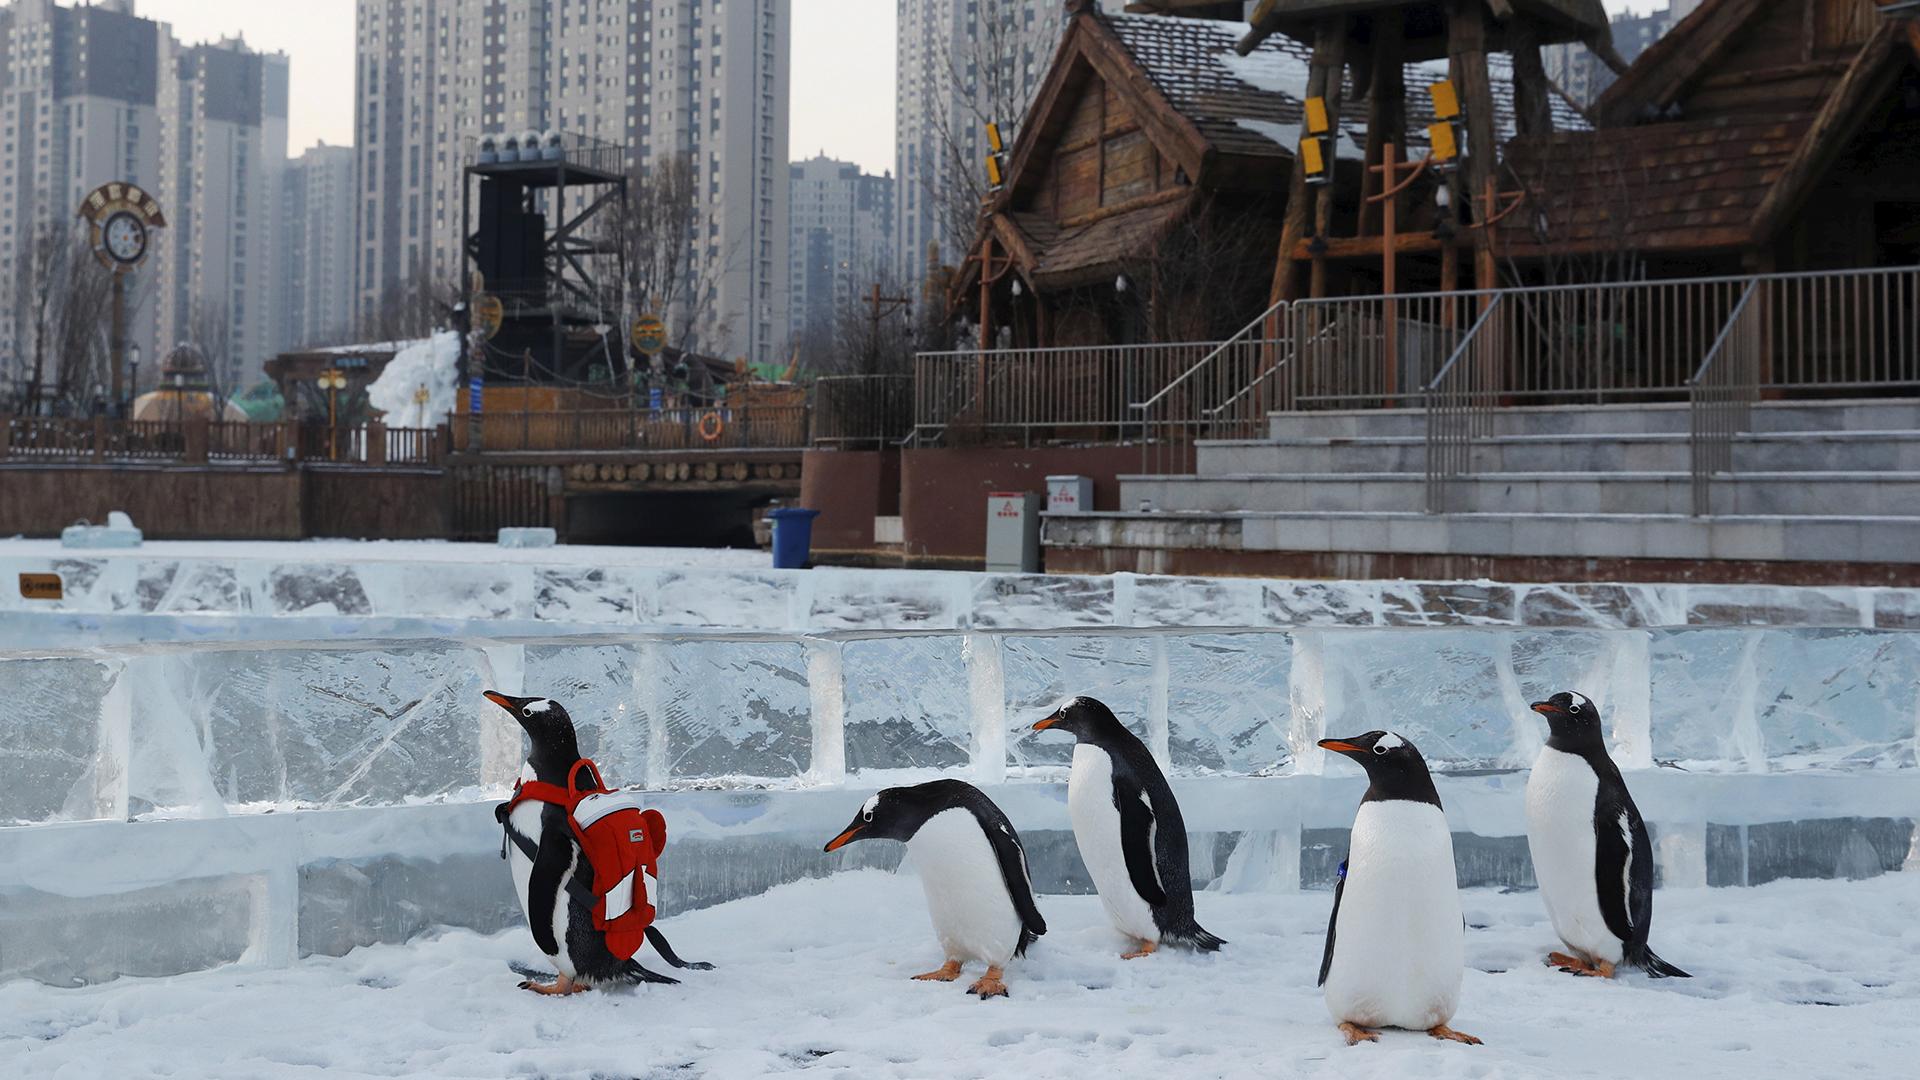 Pingüinos en el festival de hielo de Harbin